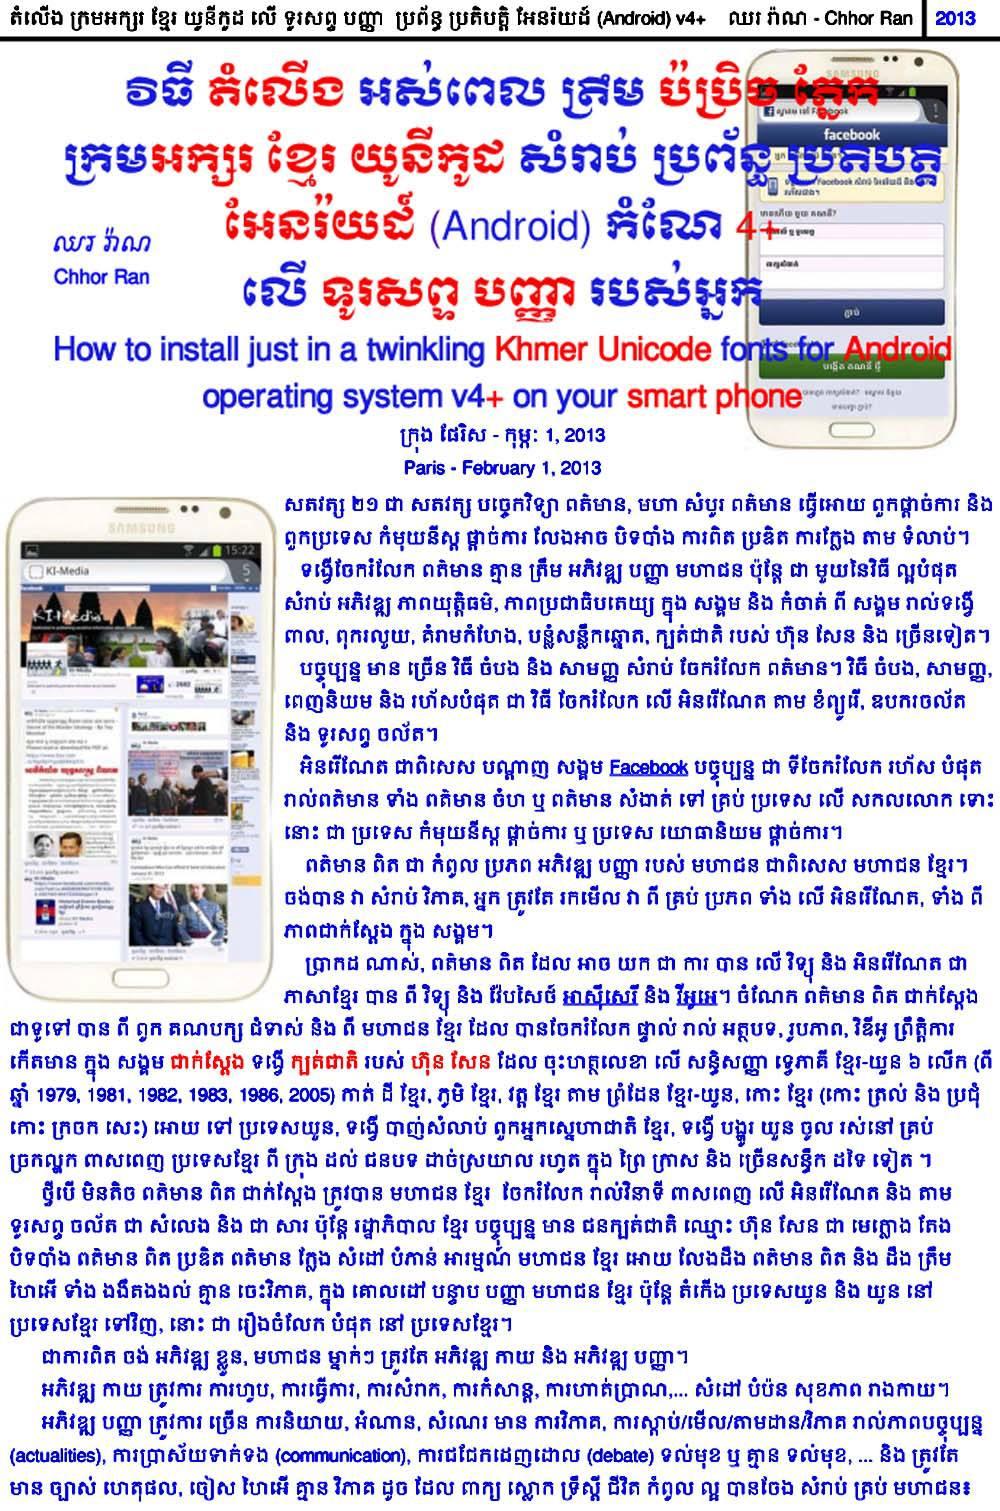 Khmer unicode for lg phone